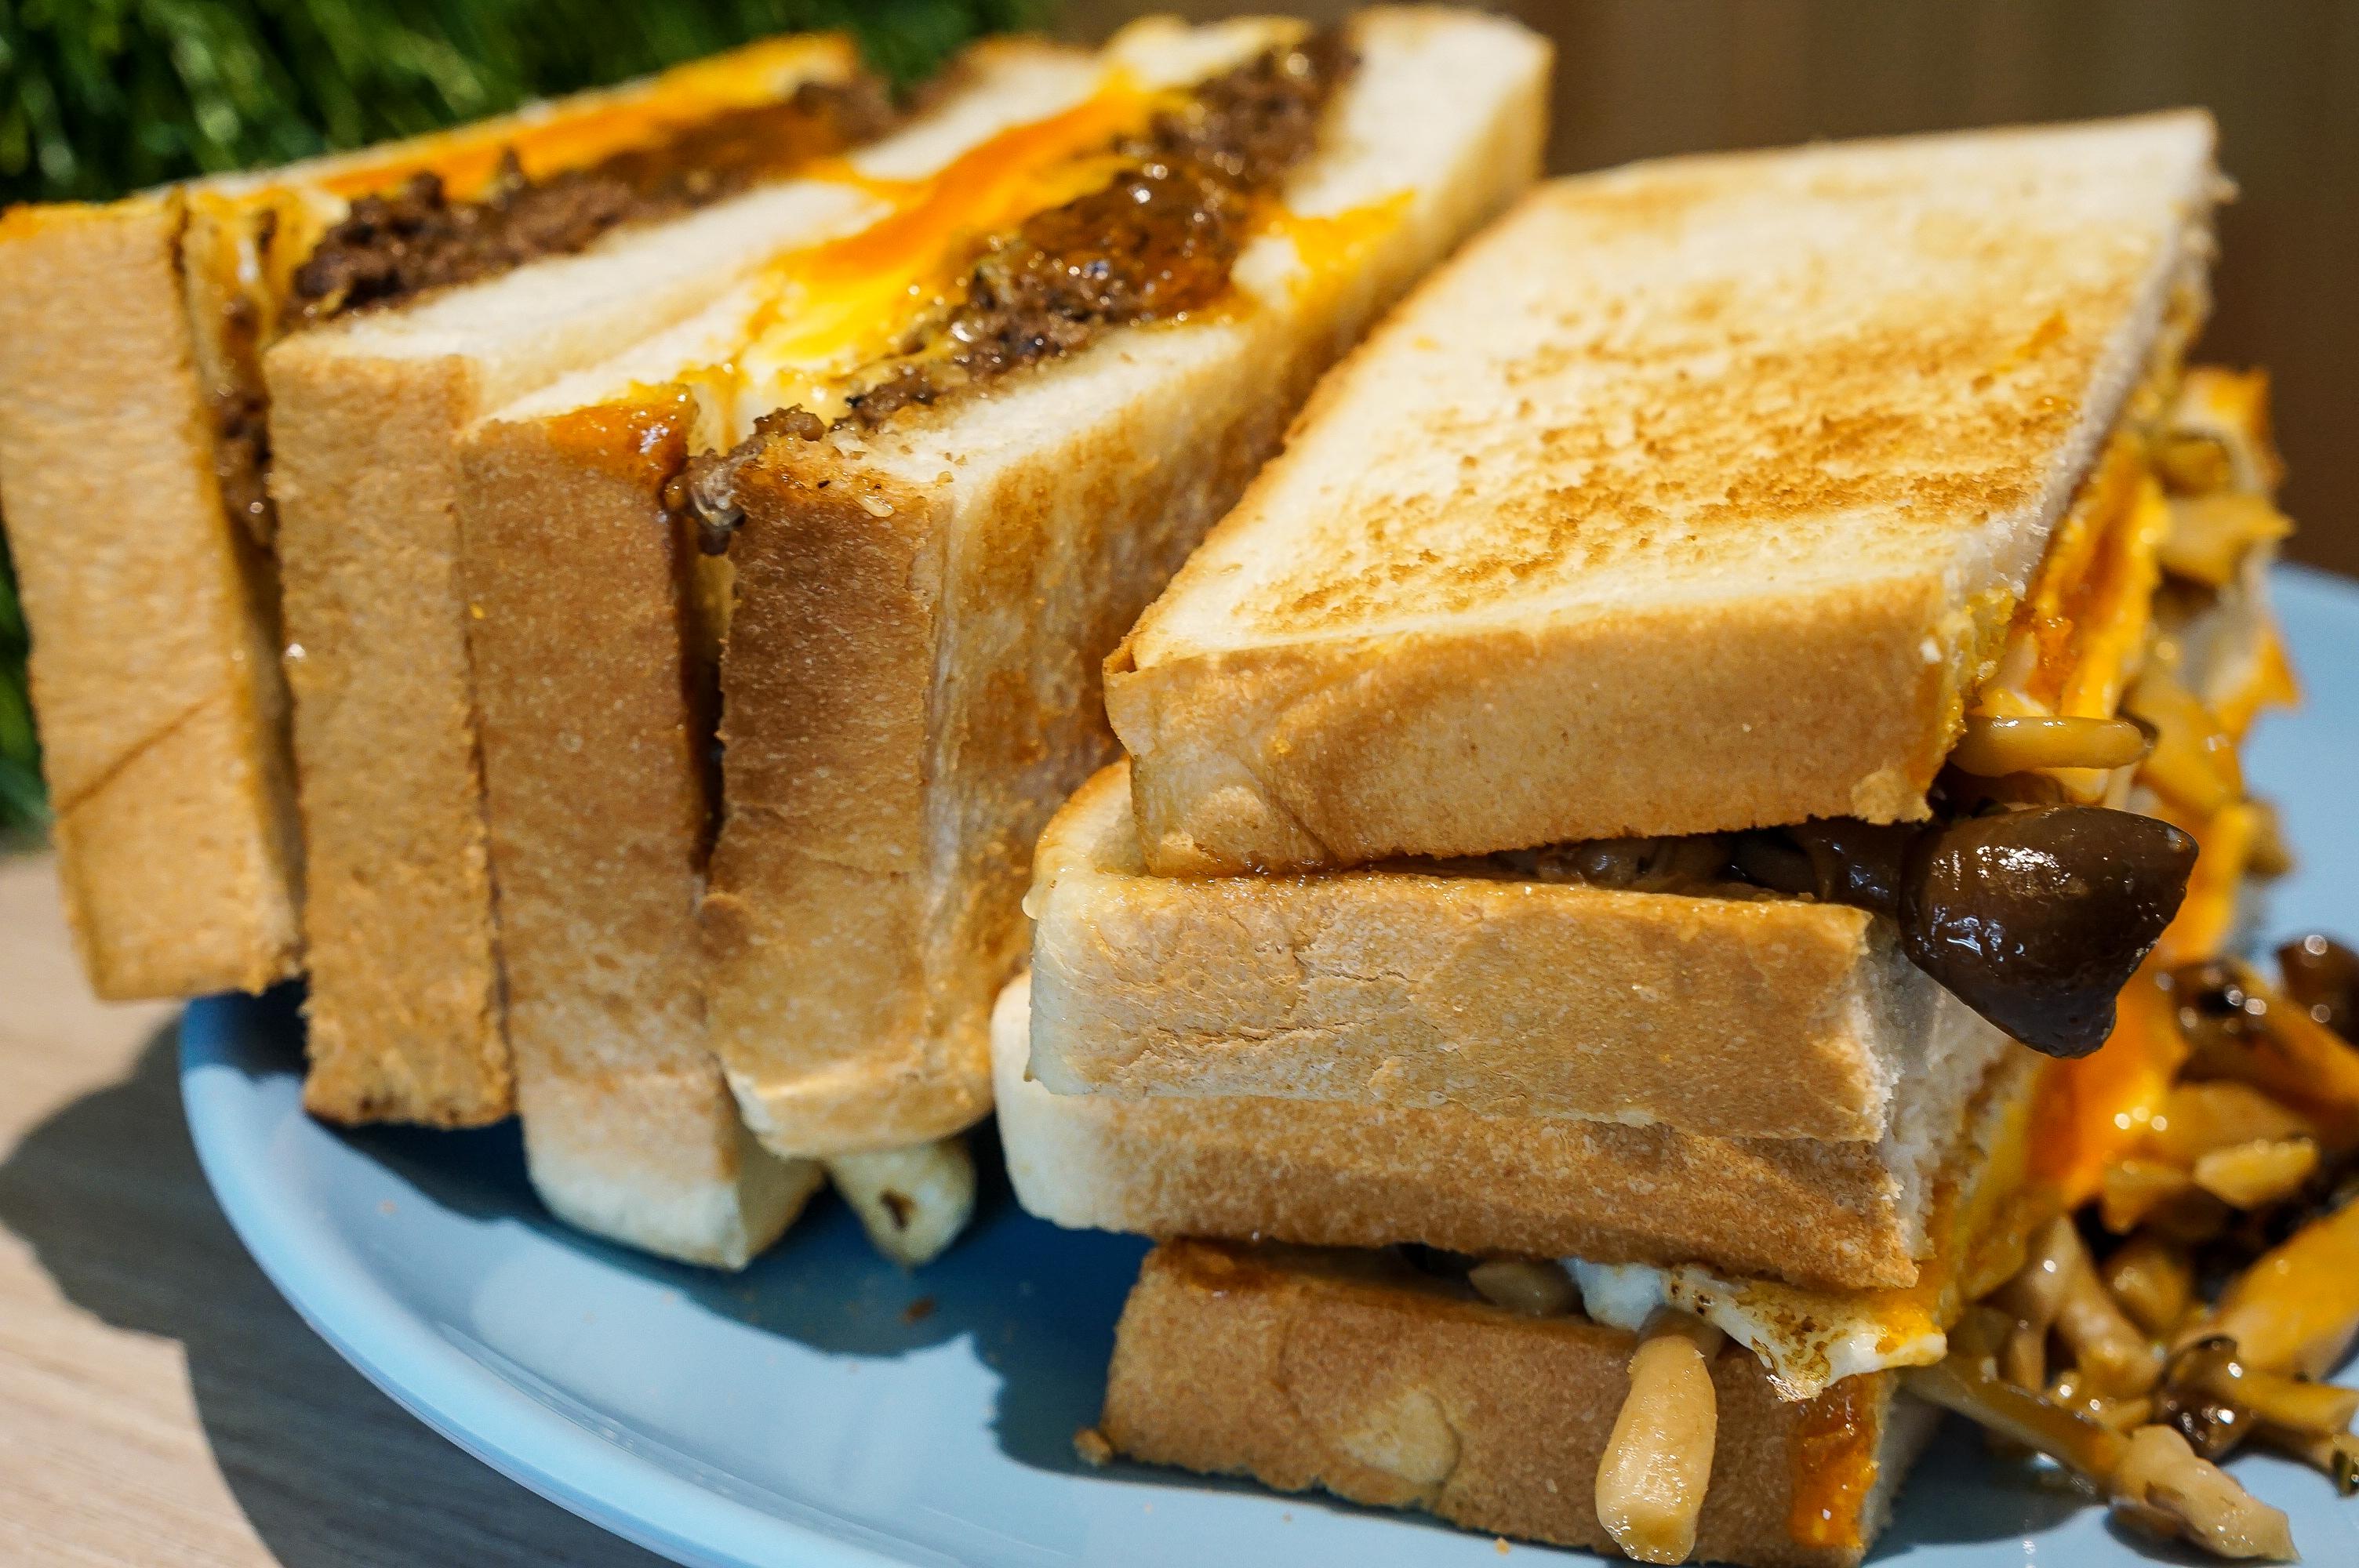 [花蓮美食]慢吞吞手作碳烤吐司搬新家 空間更大更舒服  超愛這家花蓮碳烤吐司 提供蔬食 慢吞吞手作碳烤吐司菜單 花蓮早午餐